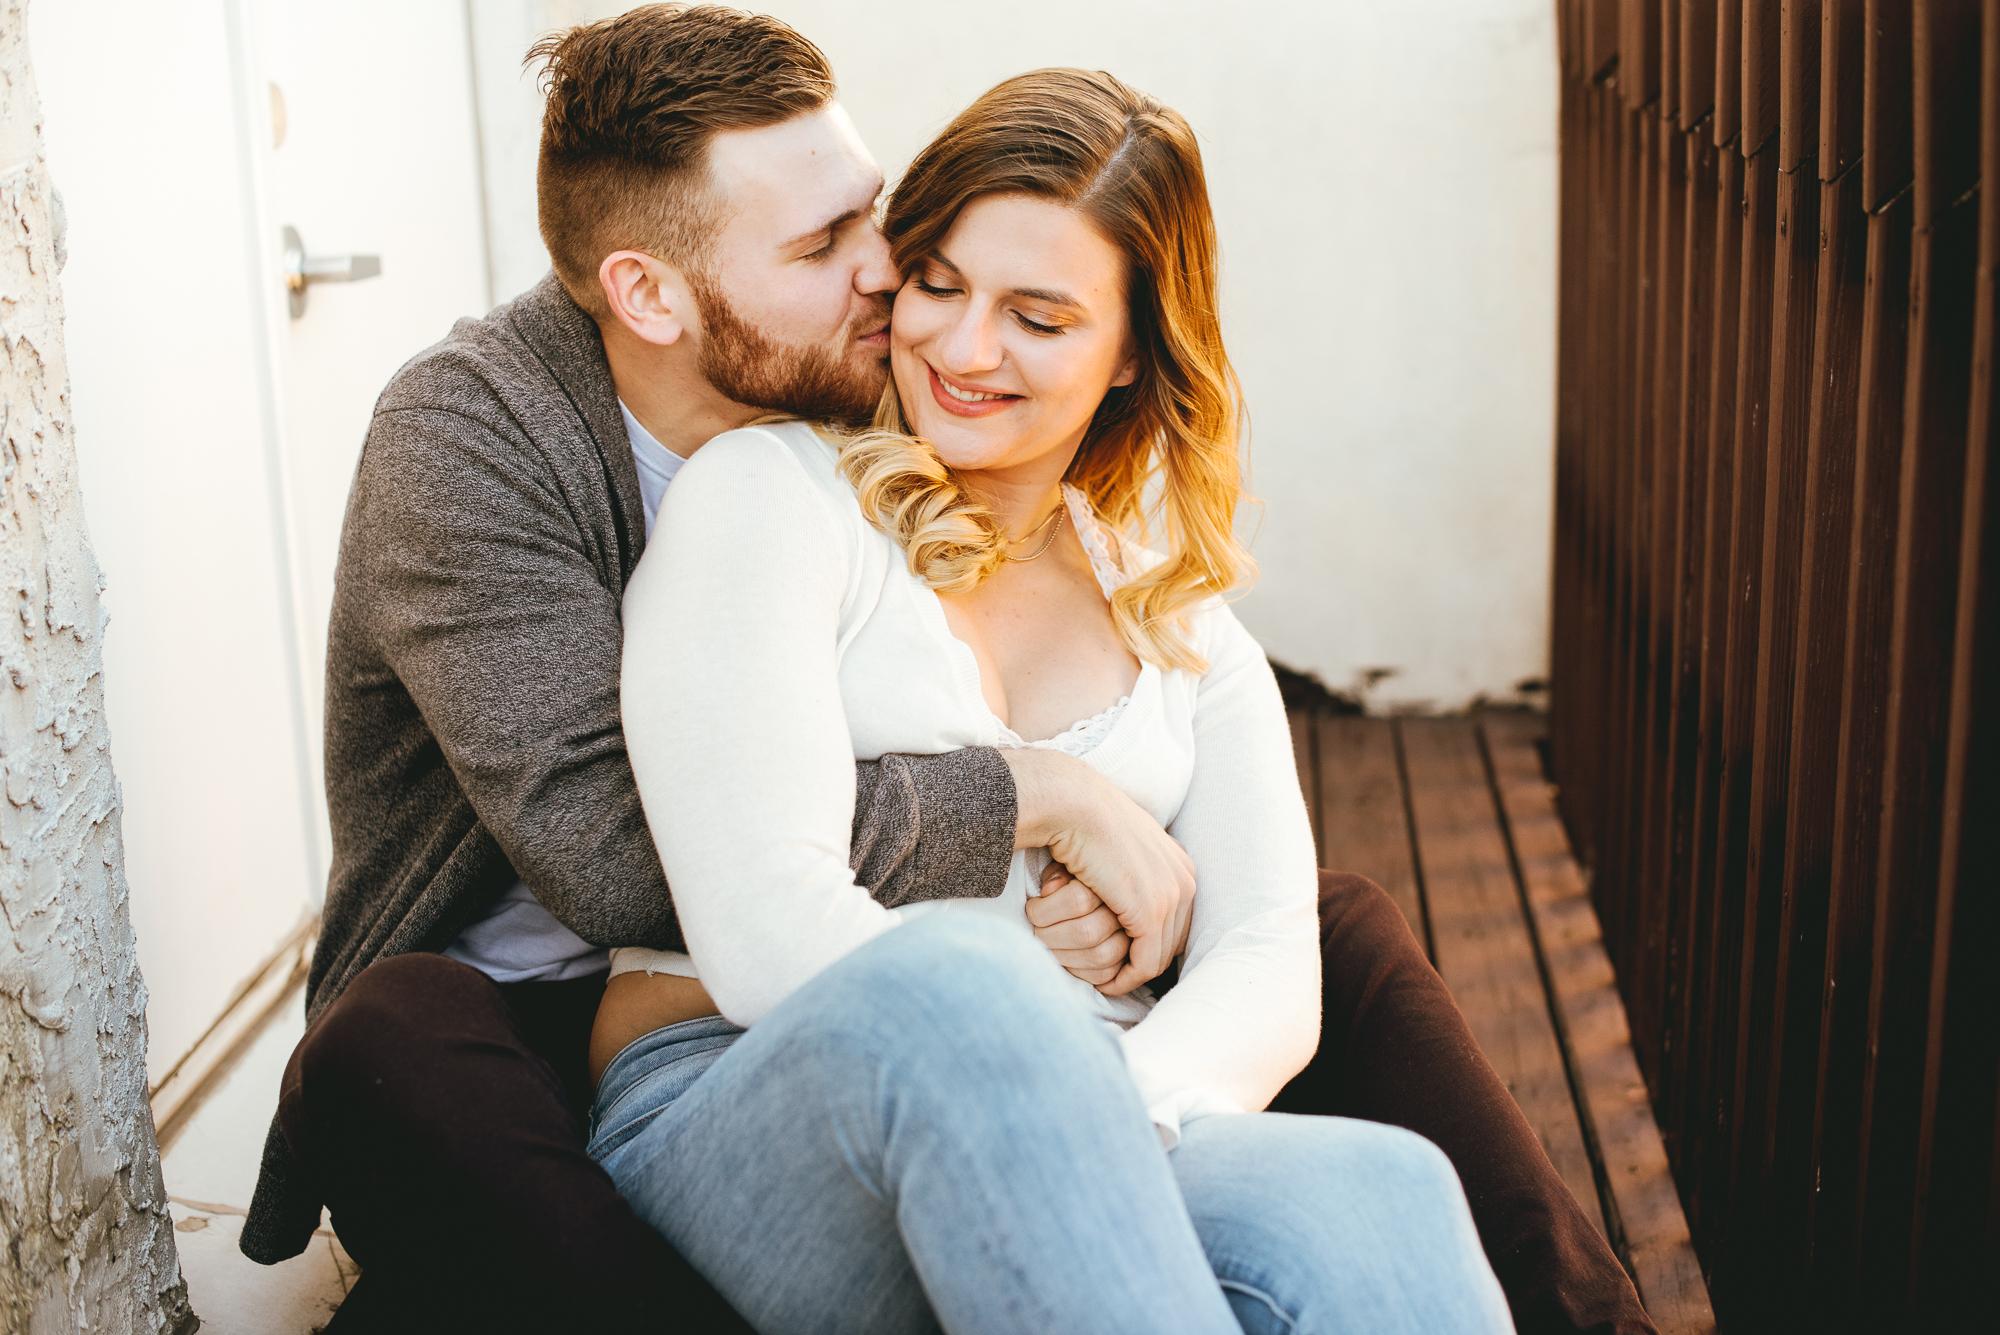 Philadelphia-PA-Engagement-Photographer-Peaberry-Photo-Wedding-Photography-8.jpg